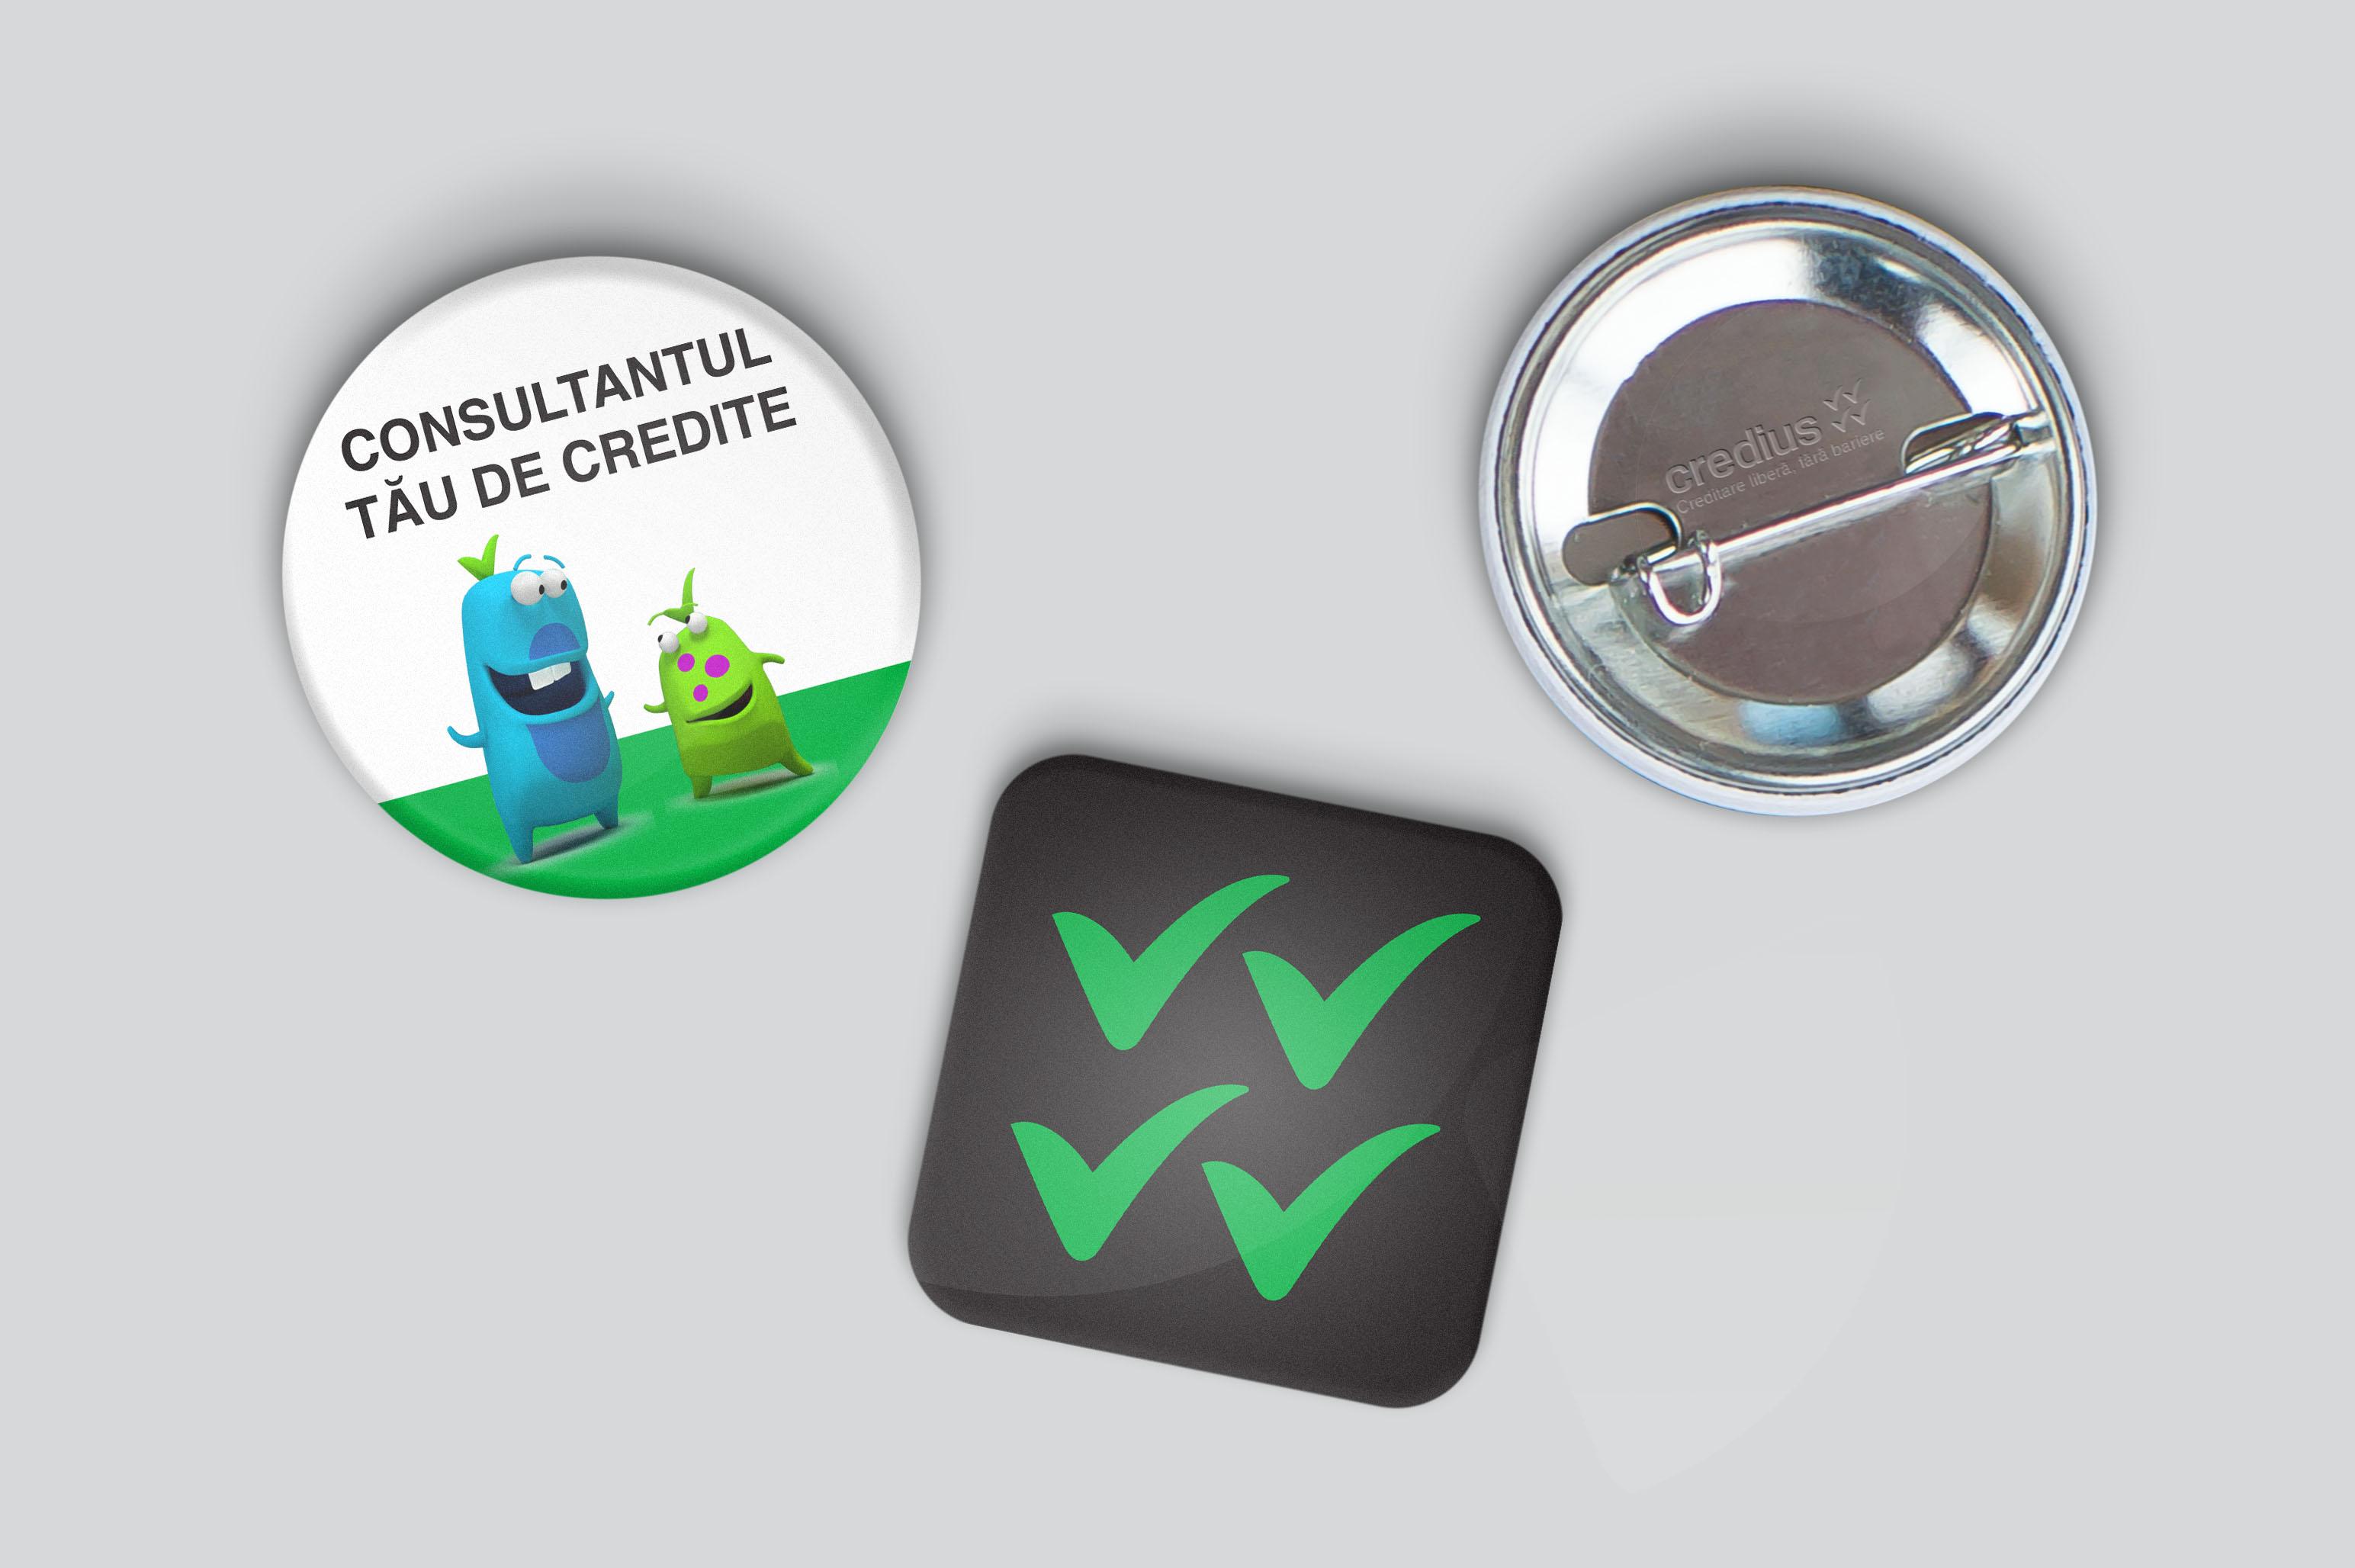 credius branding insigne